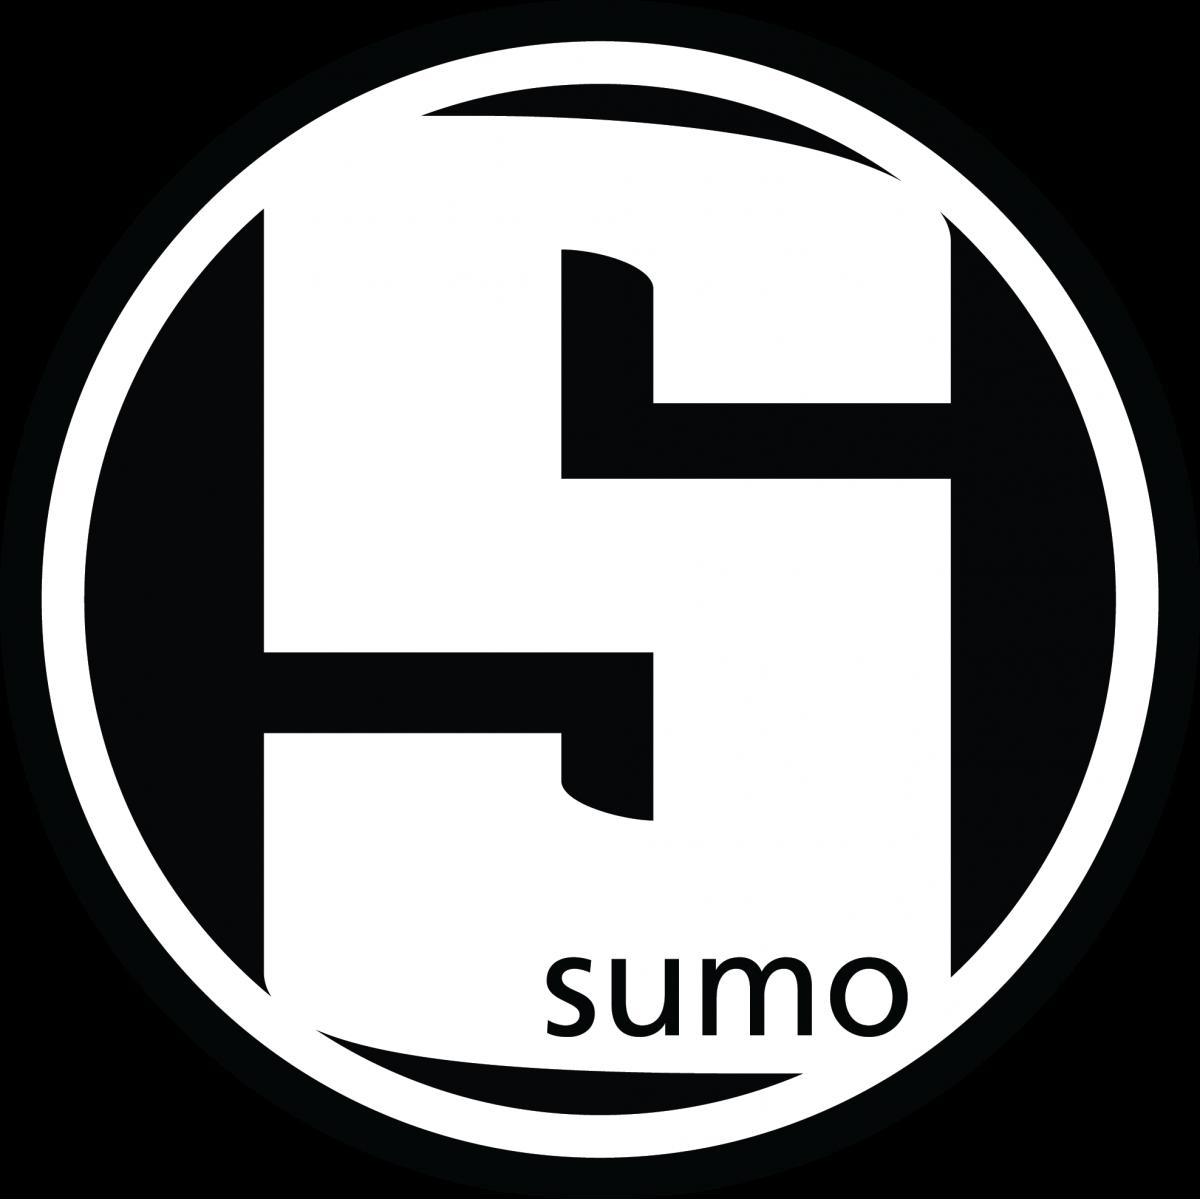 Call Center Solutions Utah | Sumo